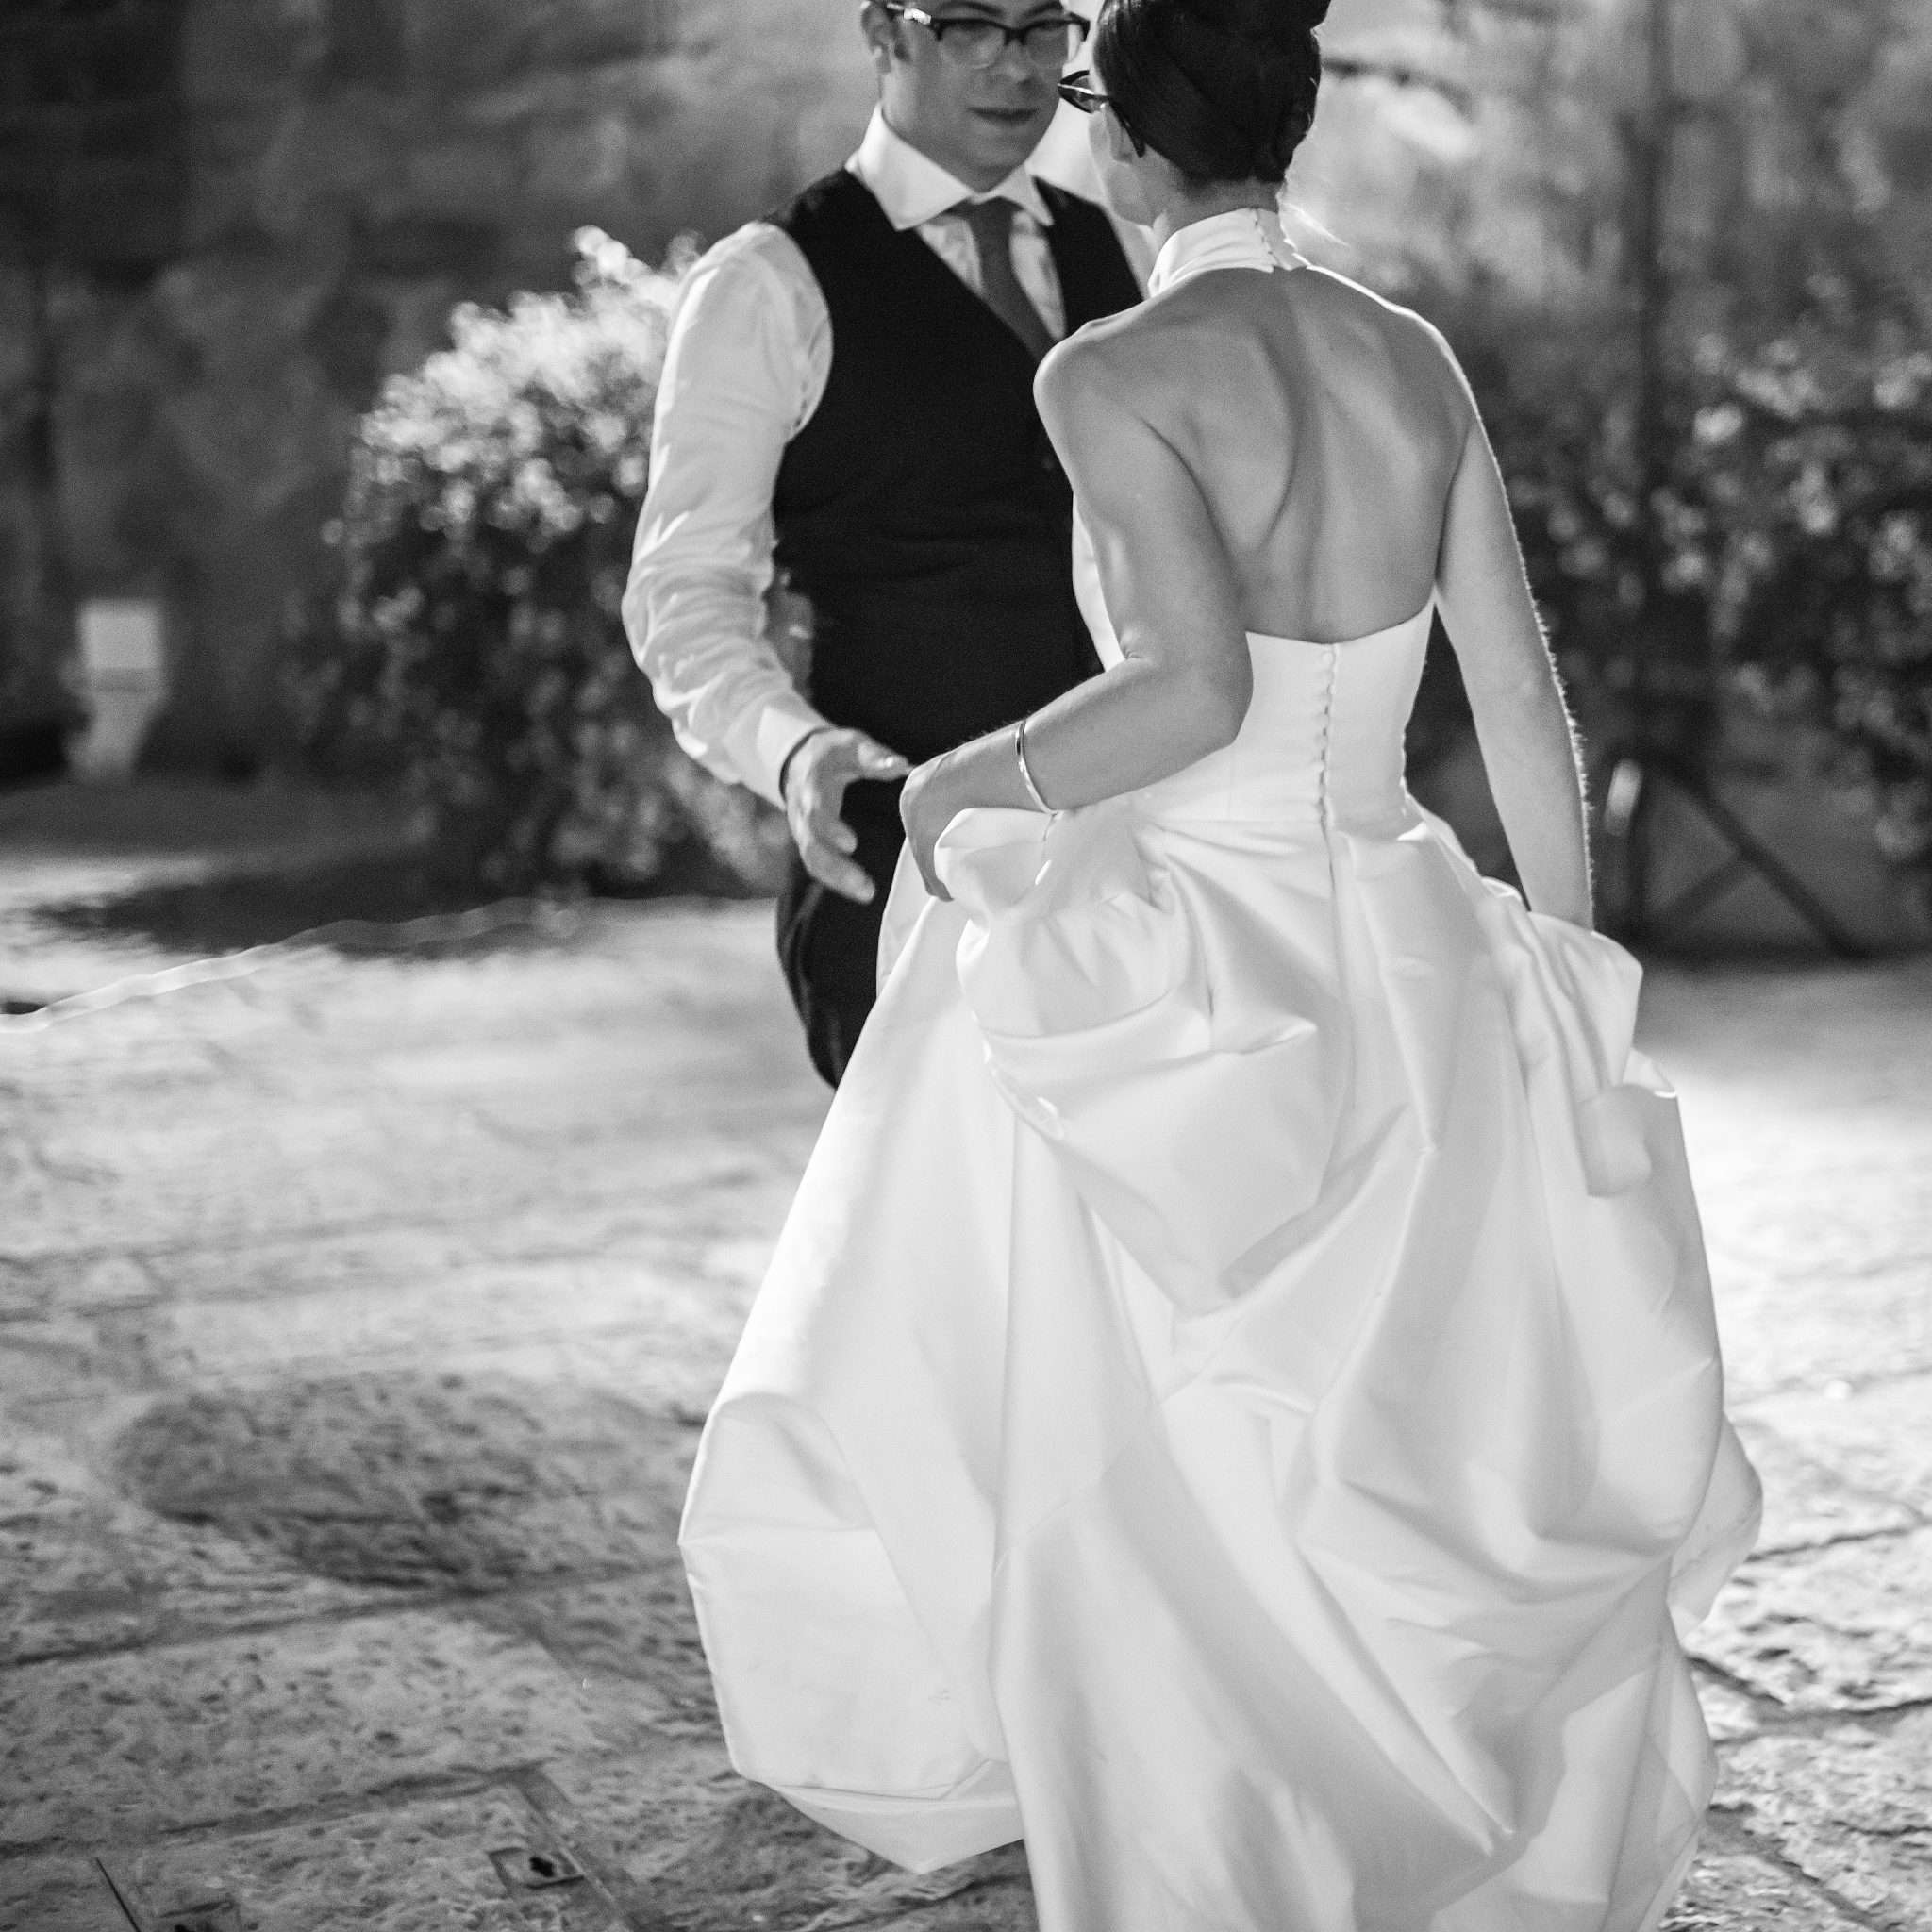 Fotografia first dance wedding reportage realizzata da Barbara Trincone fotografa con studio a Pozzuoli - Napoli